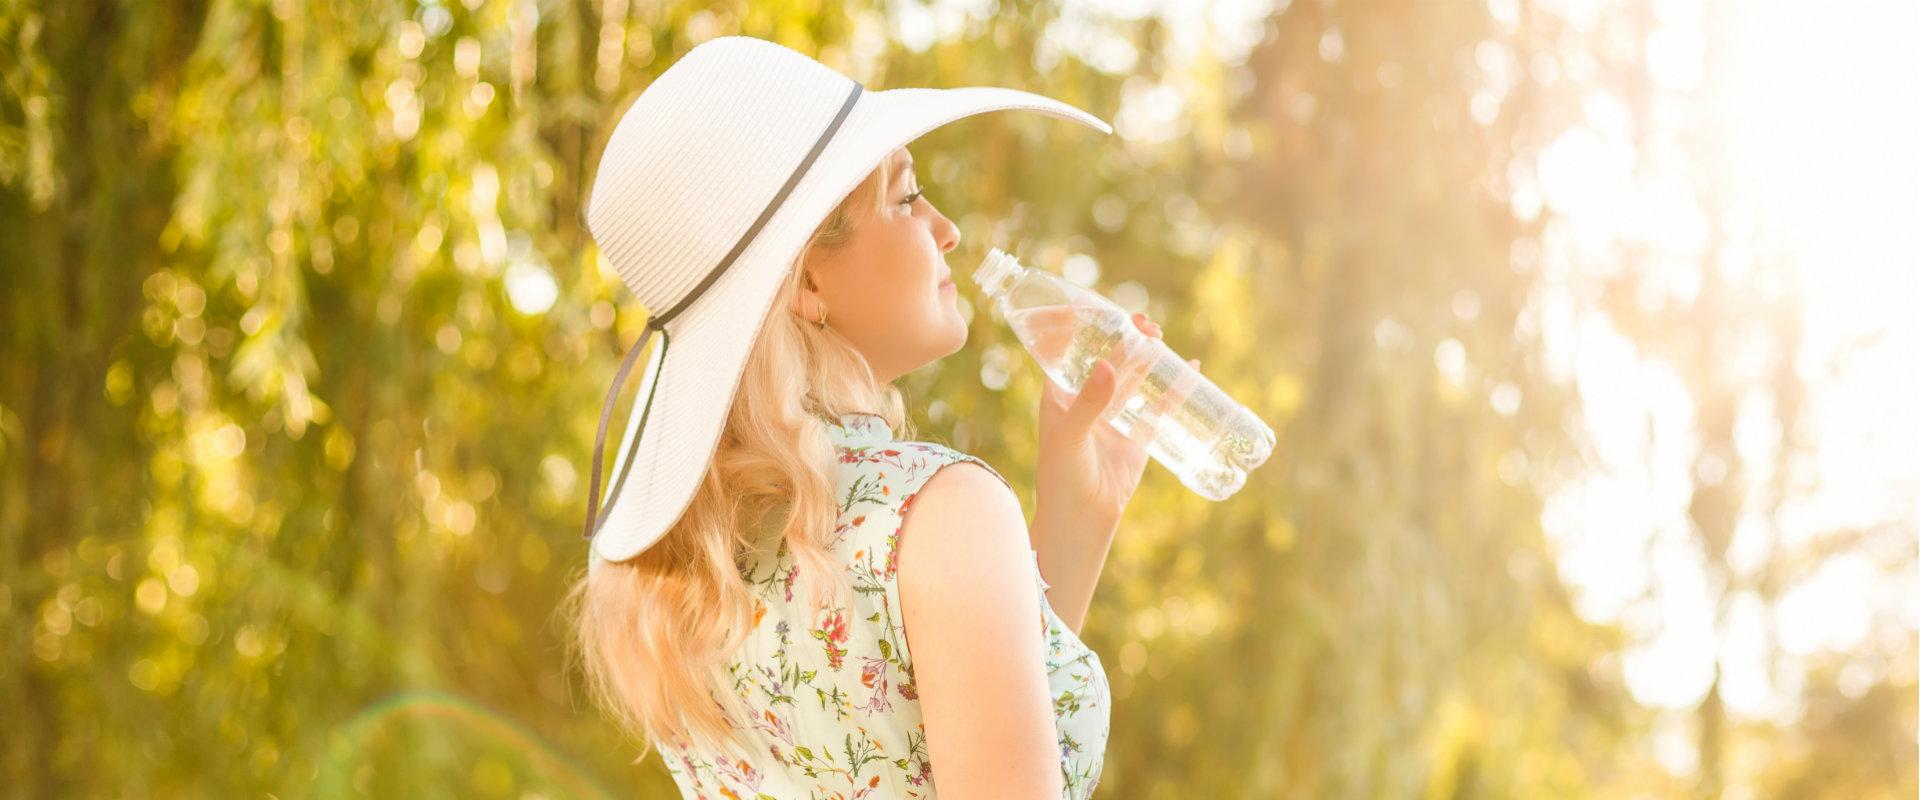 Cuida tu piel del sol con estos consejos